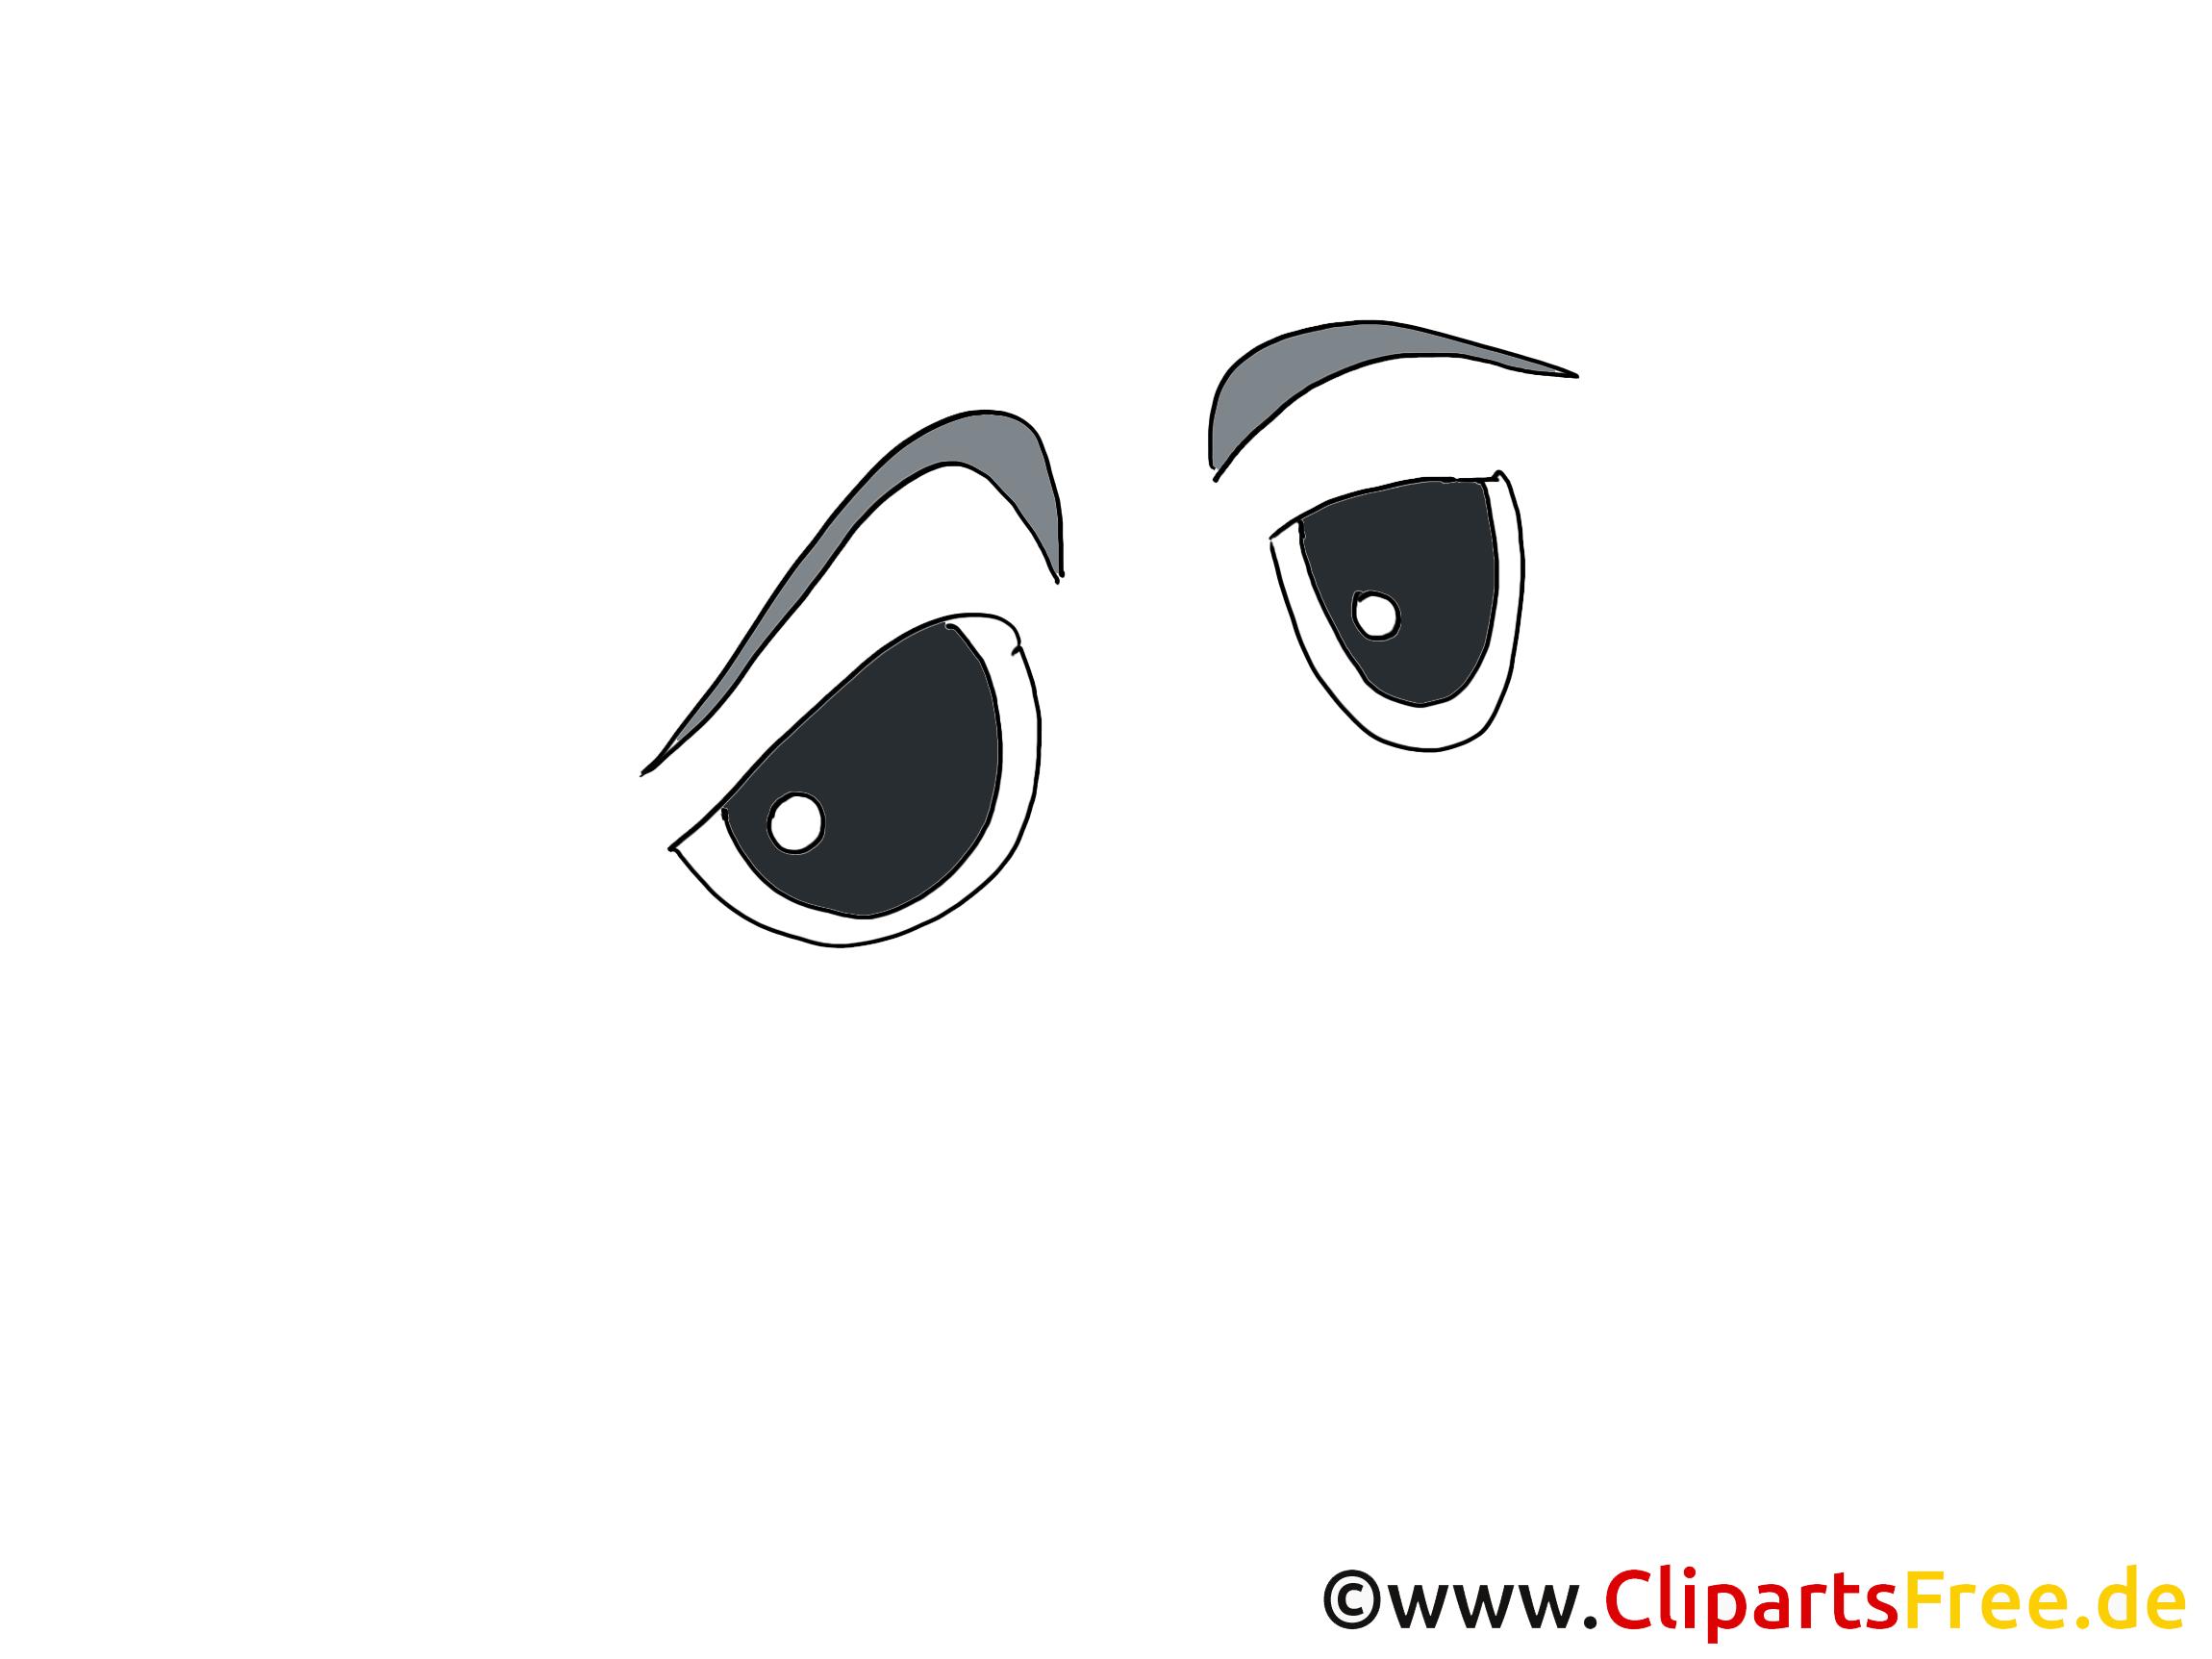 Traurige Comic Augen Clipart, Bild, Zeichnung, Grafik